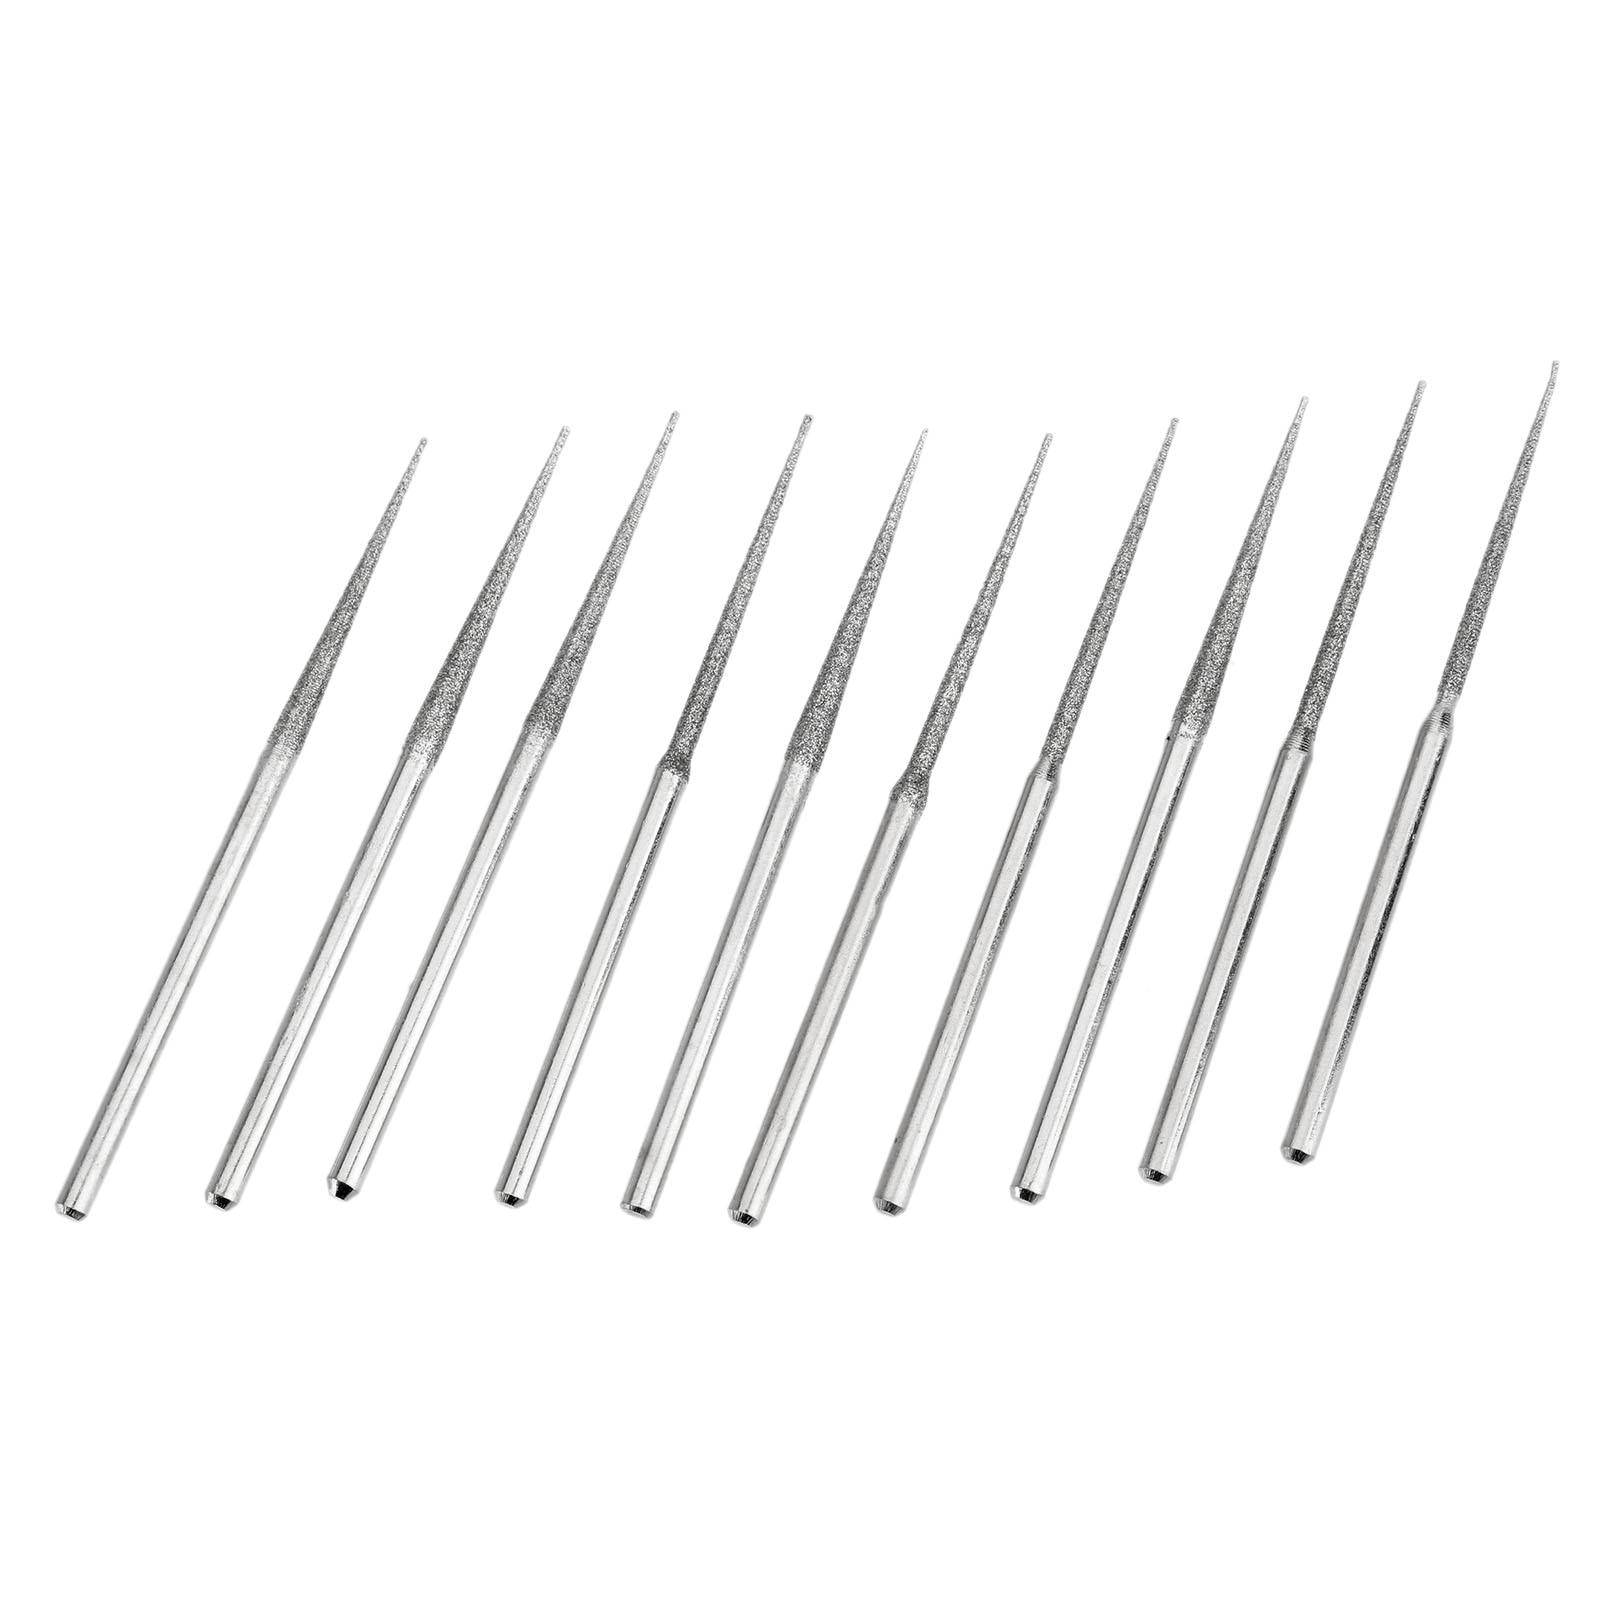 10pcs Dremel Accesories Mini Drill Diamond Grinding Head